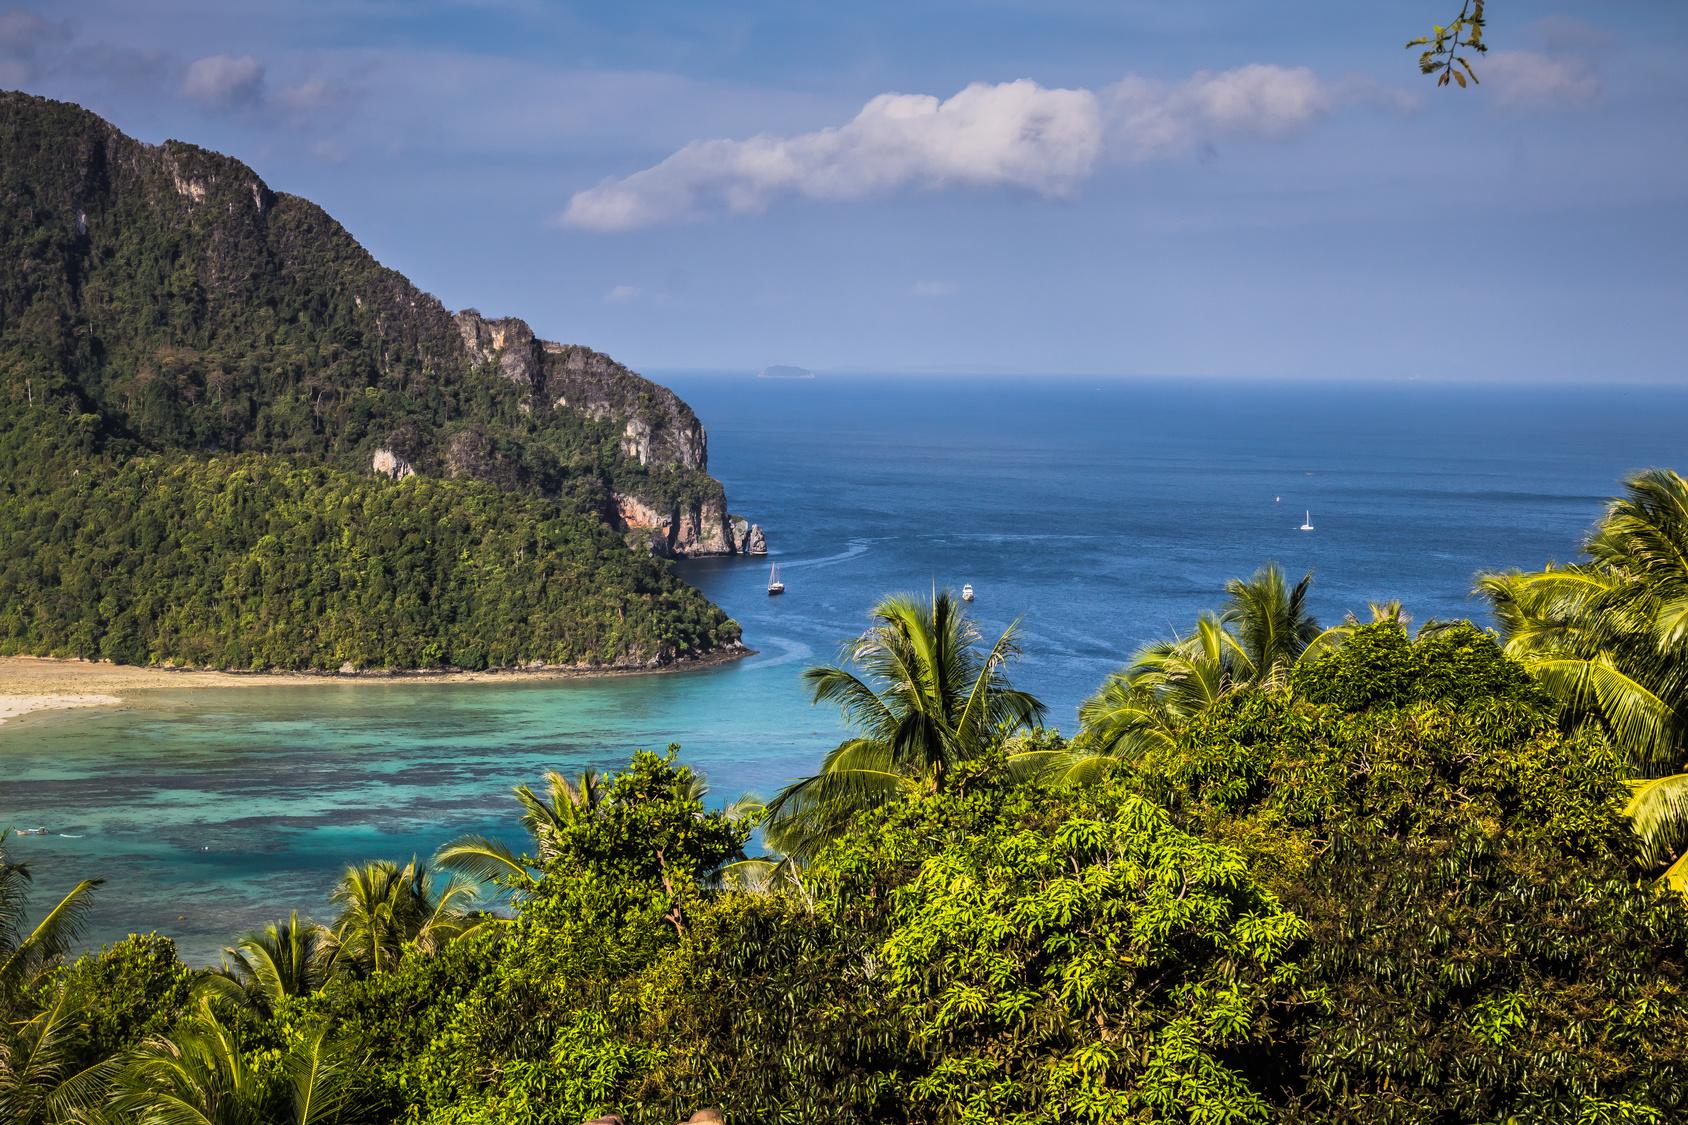 Panoramasicht auf eine Bucht der Ko Phi Phi-Inseln mit Palmen im Vordergrund.